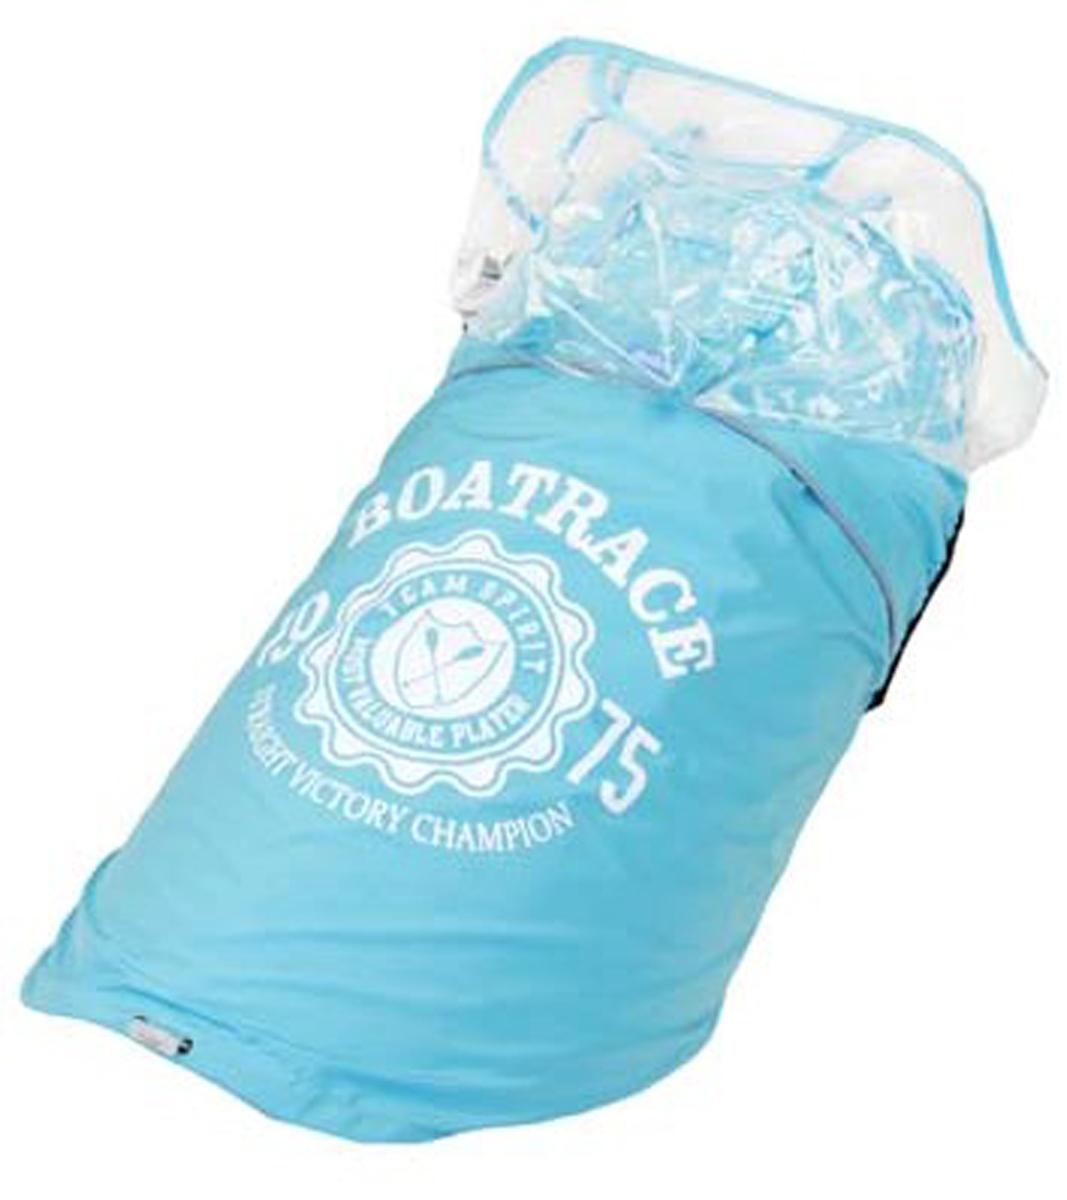 Куртка для собак  Dobaz , водонепроницаемая, цвет: прозрачно-синий. ДА13033Д5ХЛ. Размер 5XL - Одежда, обувь, украшения